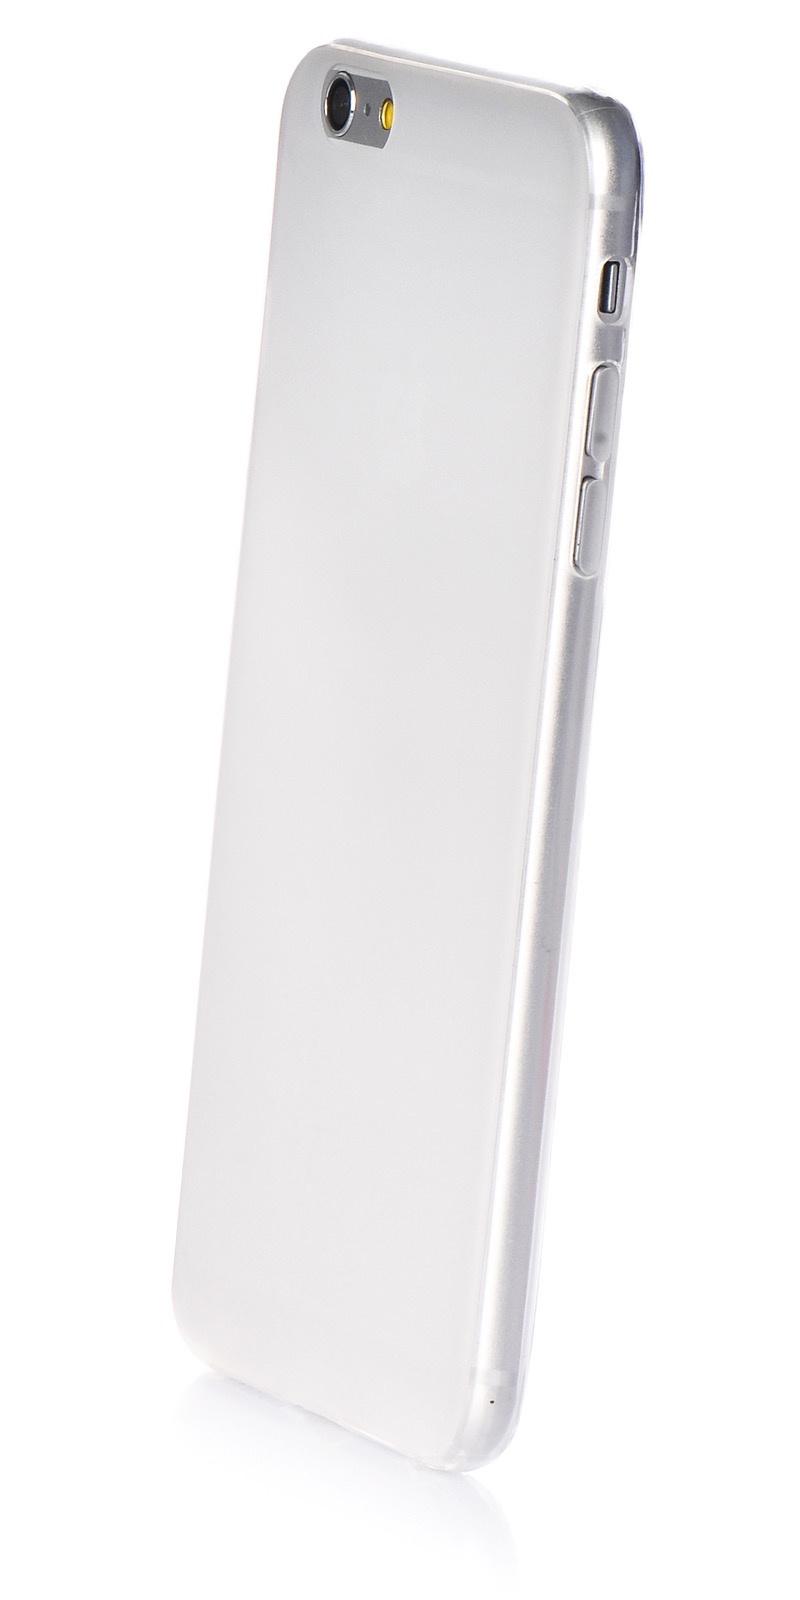 """Чехол для сотового телефона iNeez накладка силикон 0.3 mm матовый 620072 для Apple iPhone 6 Plus/6S Plus 5.5"""", белый"""